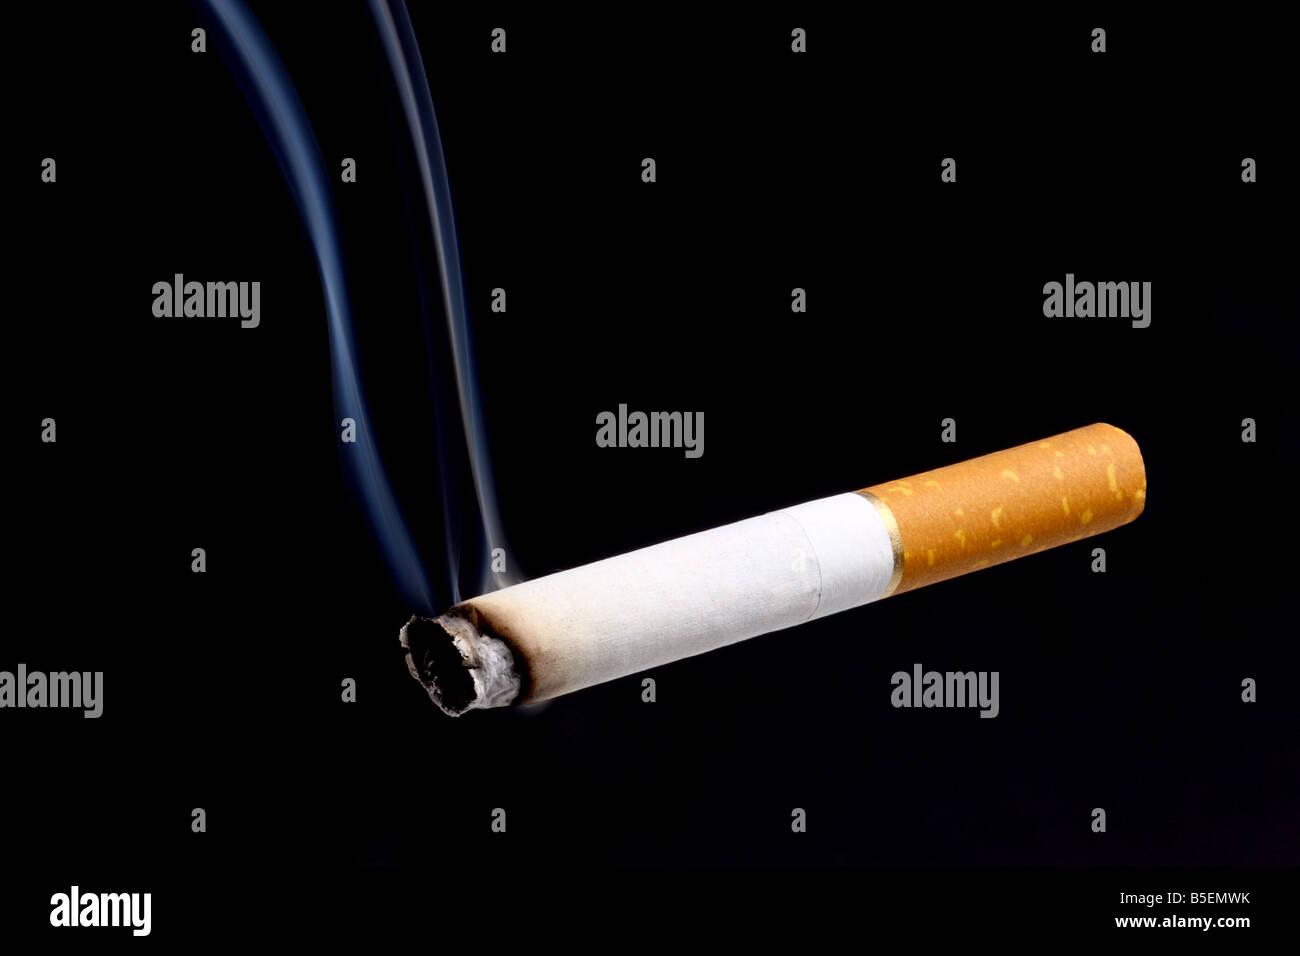 Zigarette auf schwarzem Hintergrund Stockbild